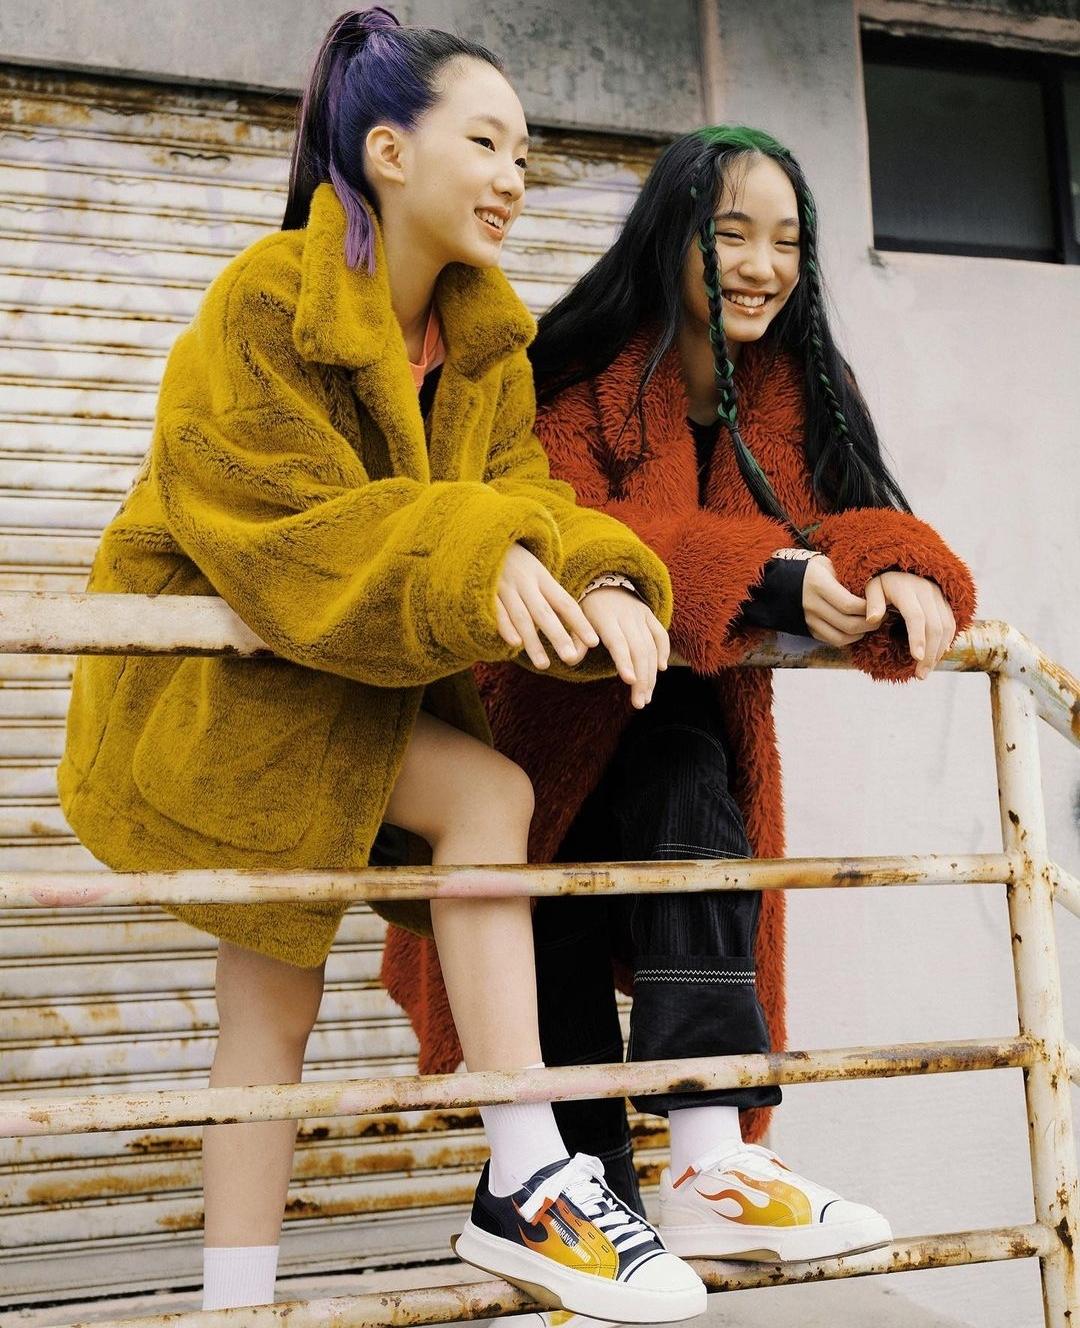 小s兩個大女兒再合體拍雜誌,姐姐撞臉火箭少女Yamy氣場足